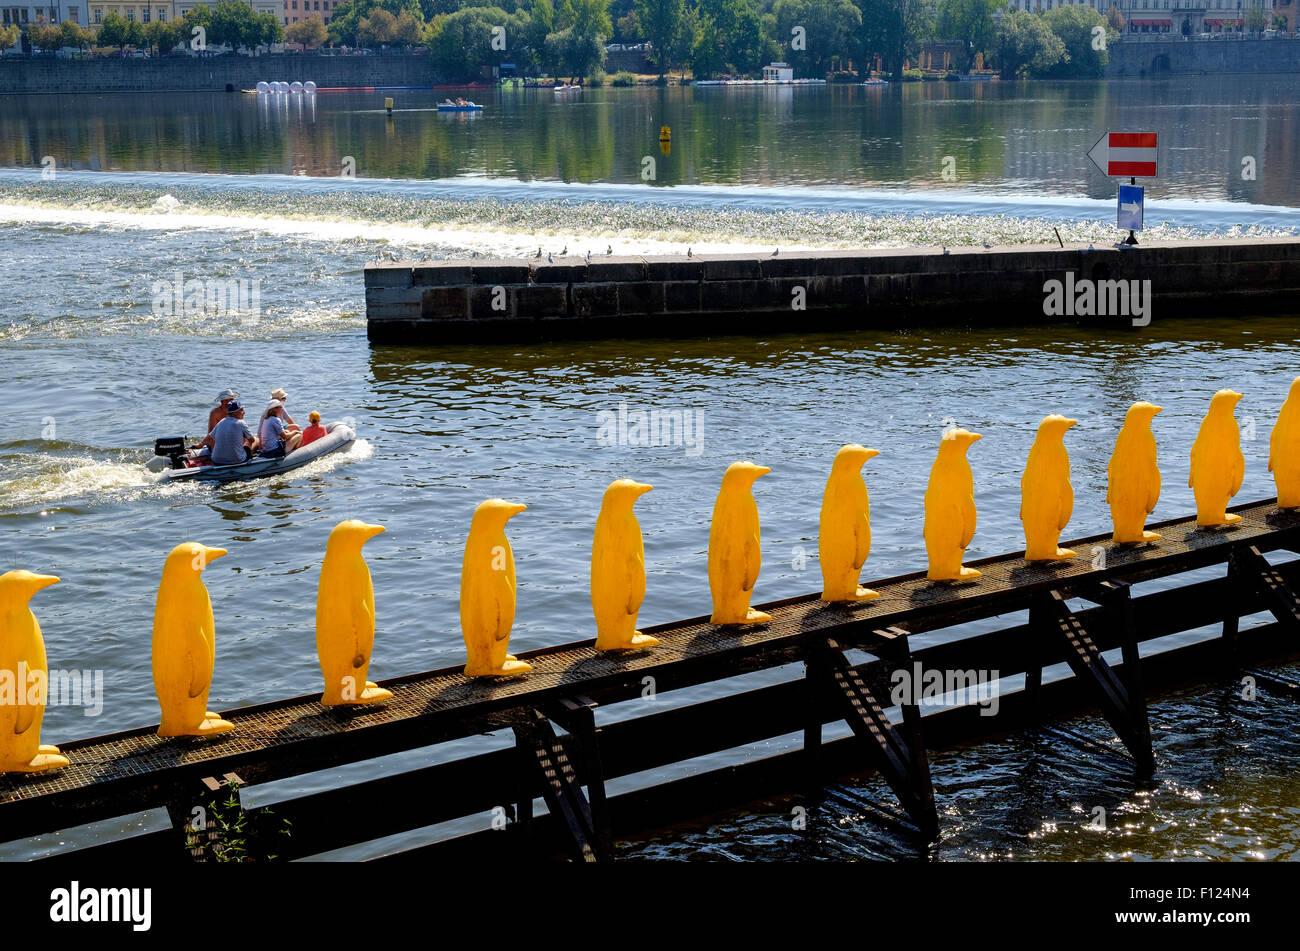 Penguins on the River Vltava near the Charles Bridge in Prague, Czech Republic, Europe - Stock Image